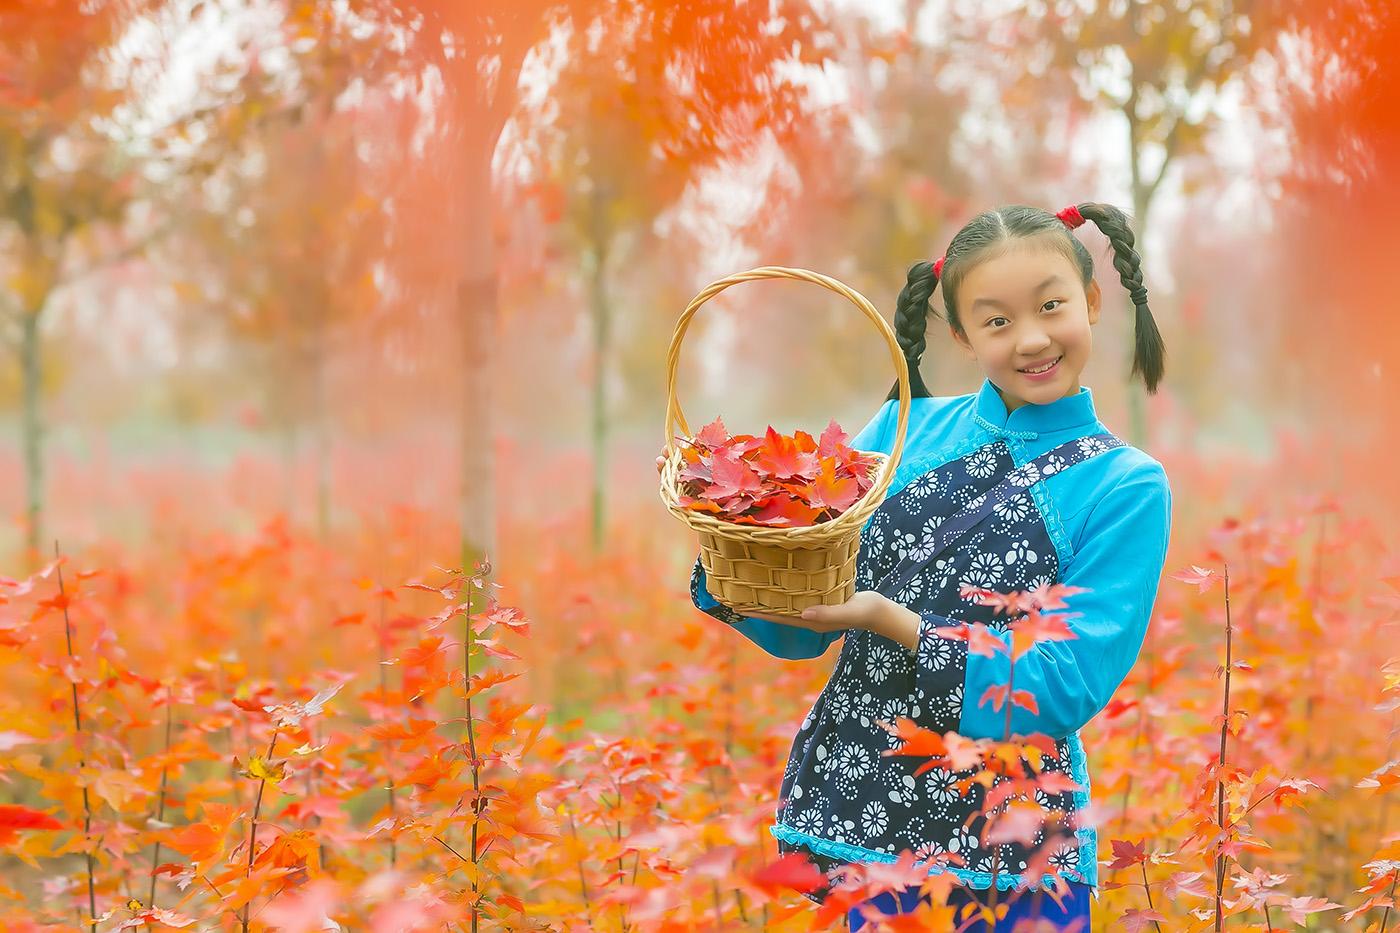 沂蒙山区竟然有这么一片童话般的树林 沂蒙小精灵火红的童年来袭 ..._图1-18